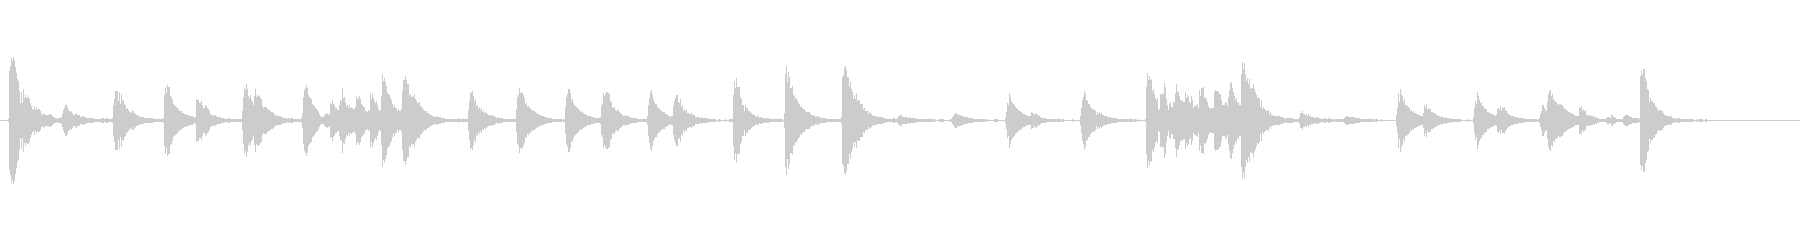 アコギのボディを叩く音の未再生の波形